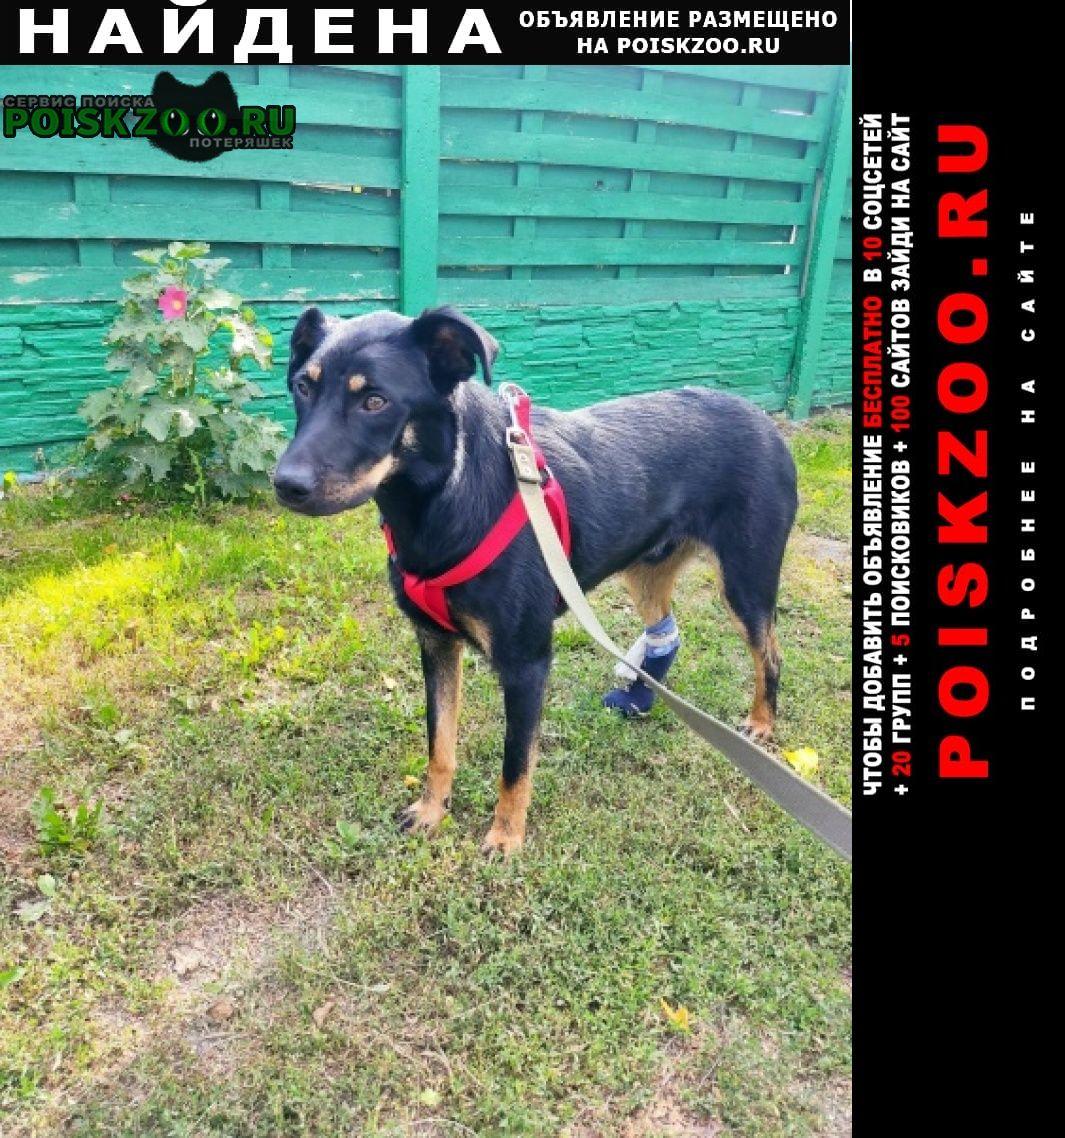 Найдена собака кобель спасён пёс.ищем хозяина. Бобруйск